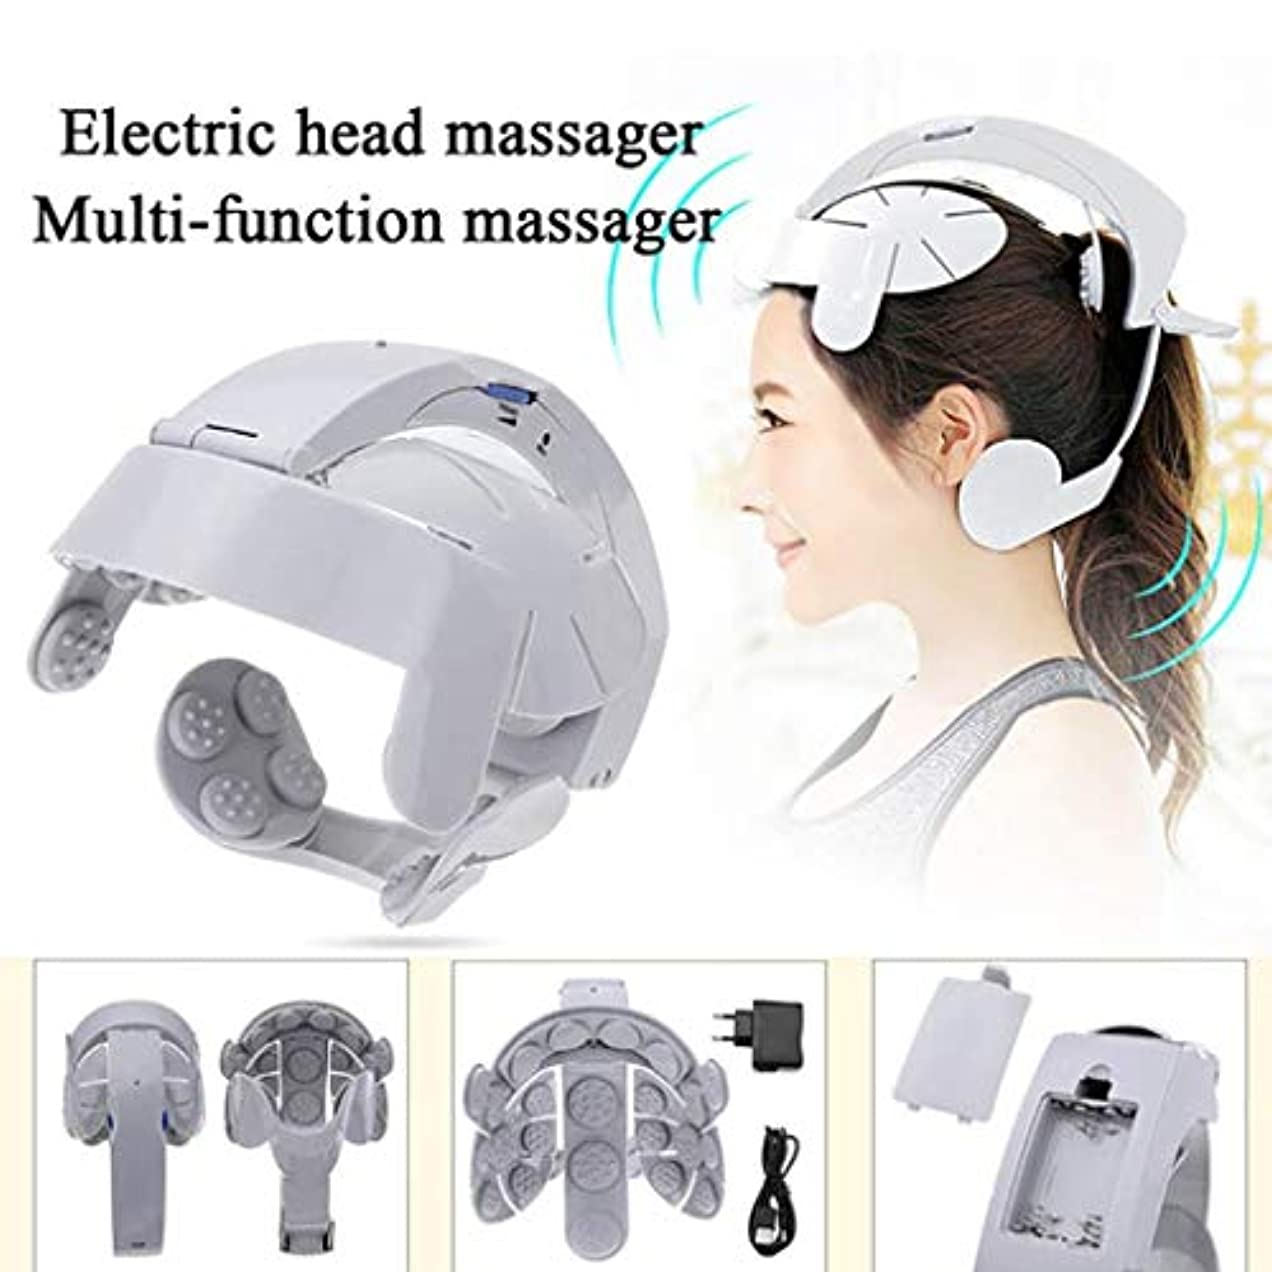 ぬいぐるみ弱いコンプライアンスヘッドマッサージャー、電動マッサージャー、振動ヘッドマッサージャー、ストレス/痛みを和らげる、血液循環/睡眠を促進する